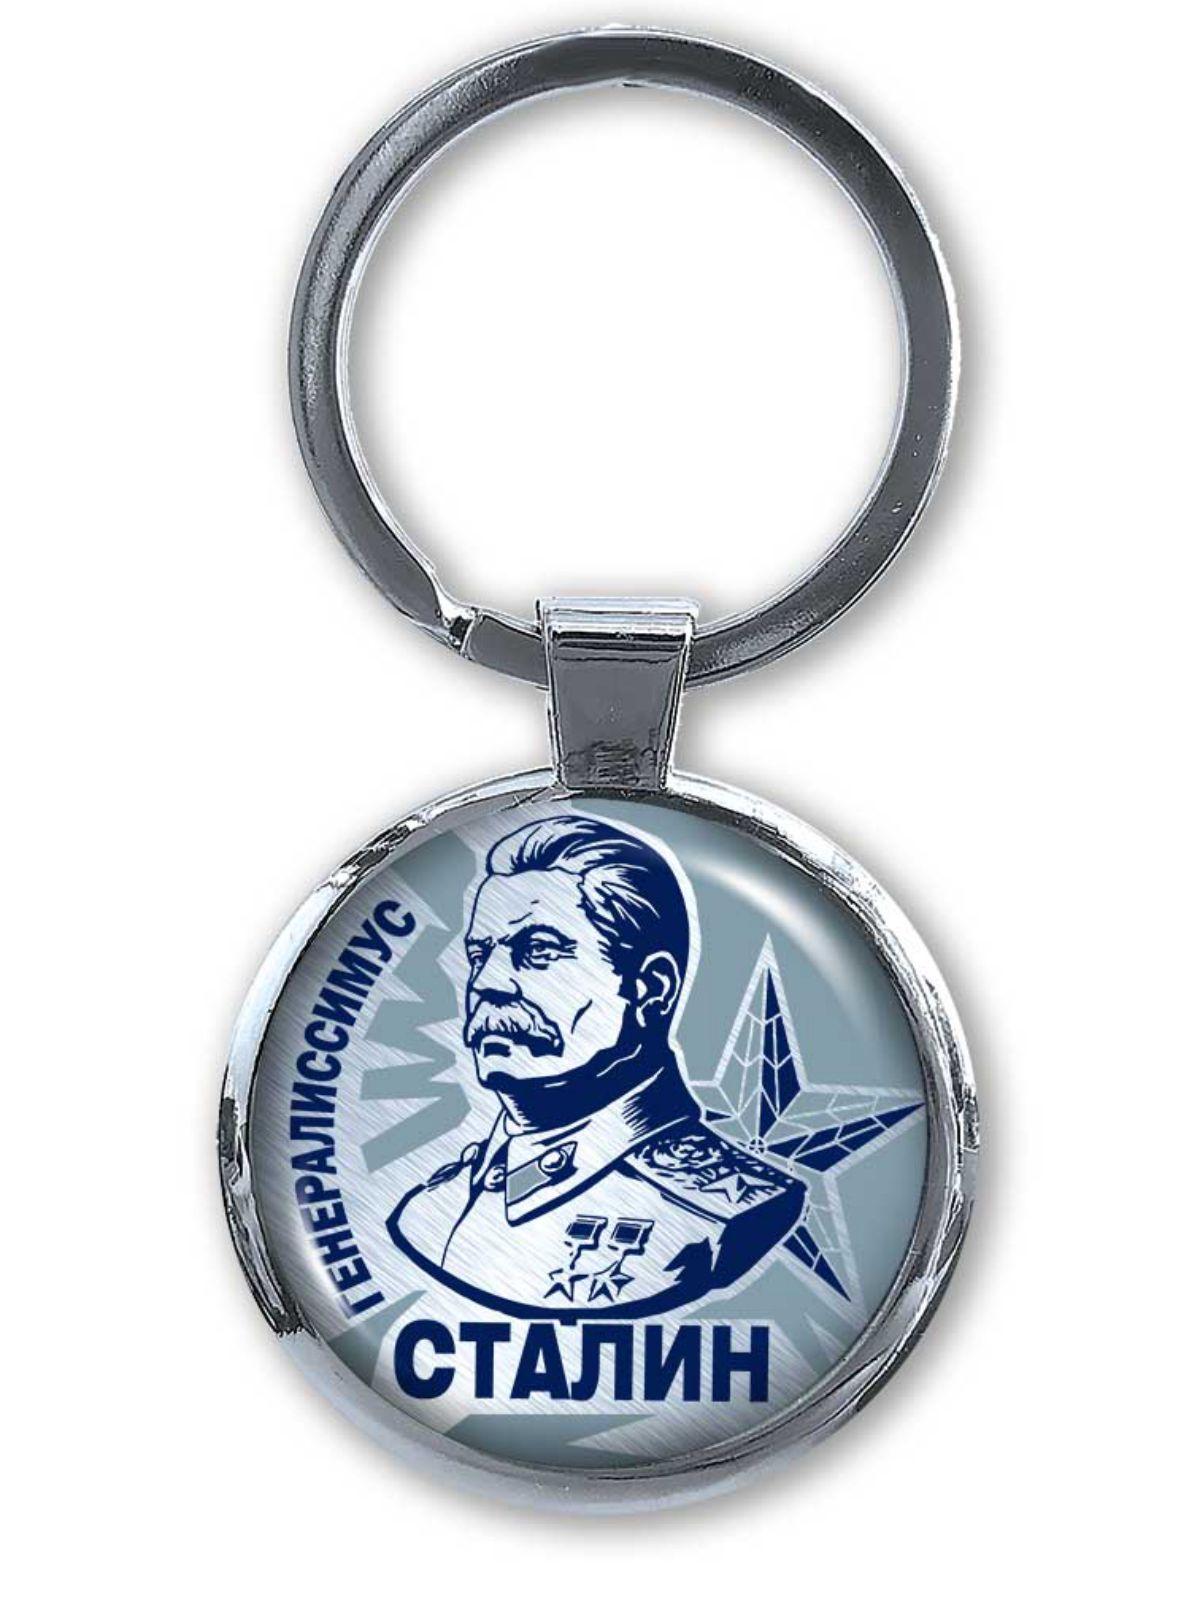 Оригинальный двухсторонний брелок Сталин от Военпро